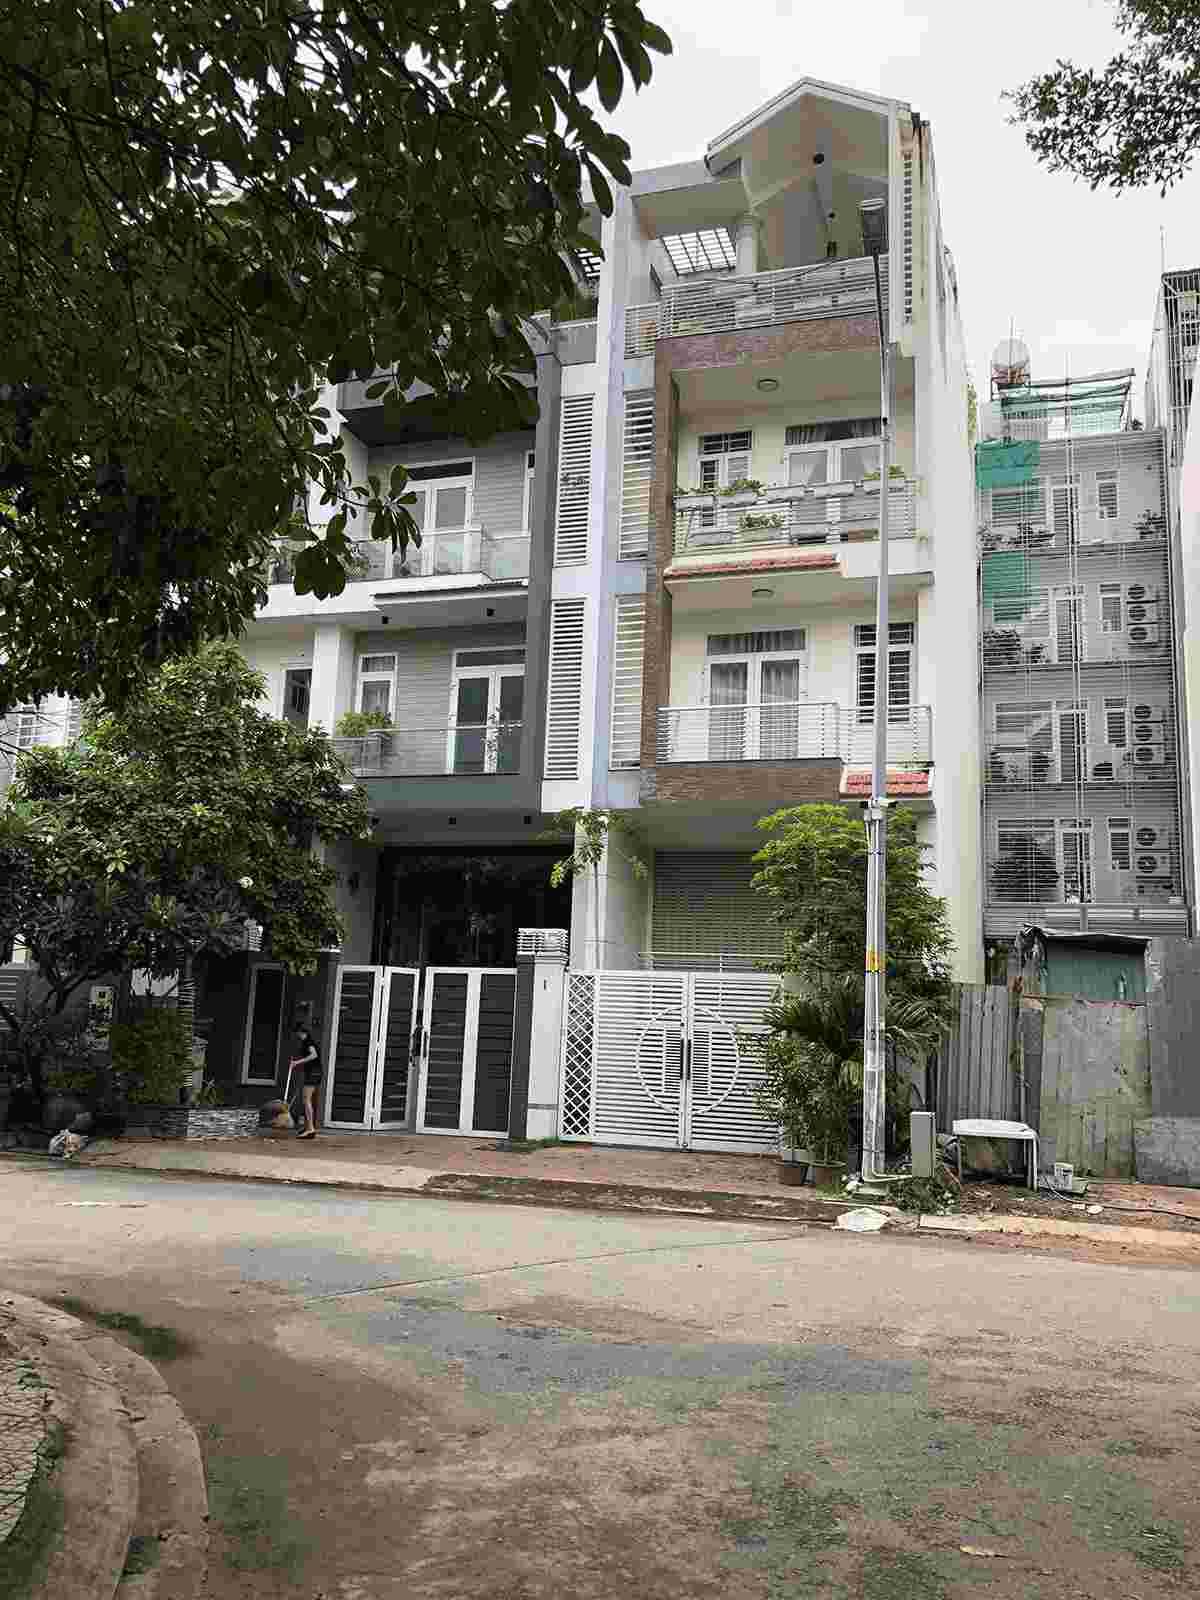 Bán nền đất nhà phố mặt tiền đường Nguyễn Thị Thập khu đô thị Him Lam Kênh Tẻ Quận 7 giá 32 tỷ, vị trí đẹp. LH: 0913.050.053